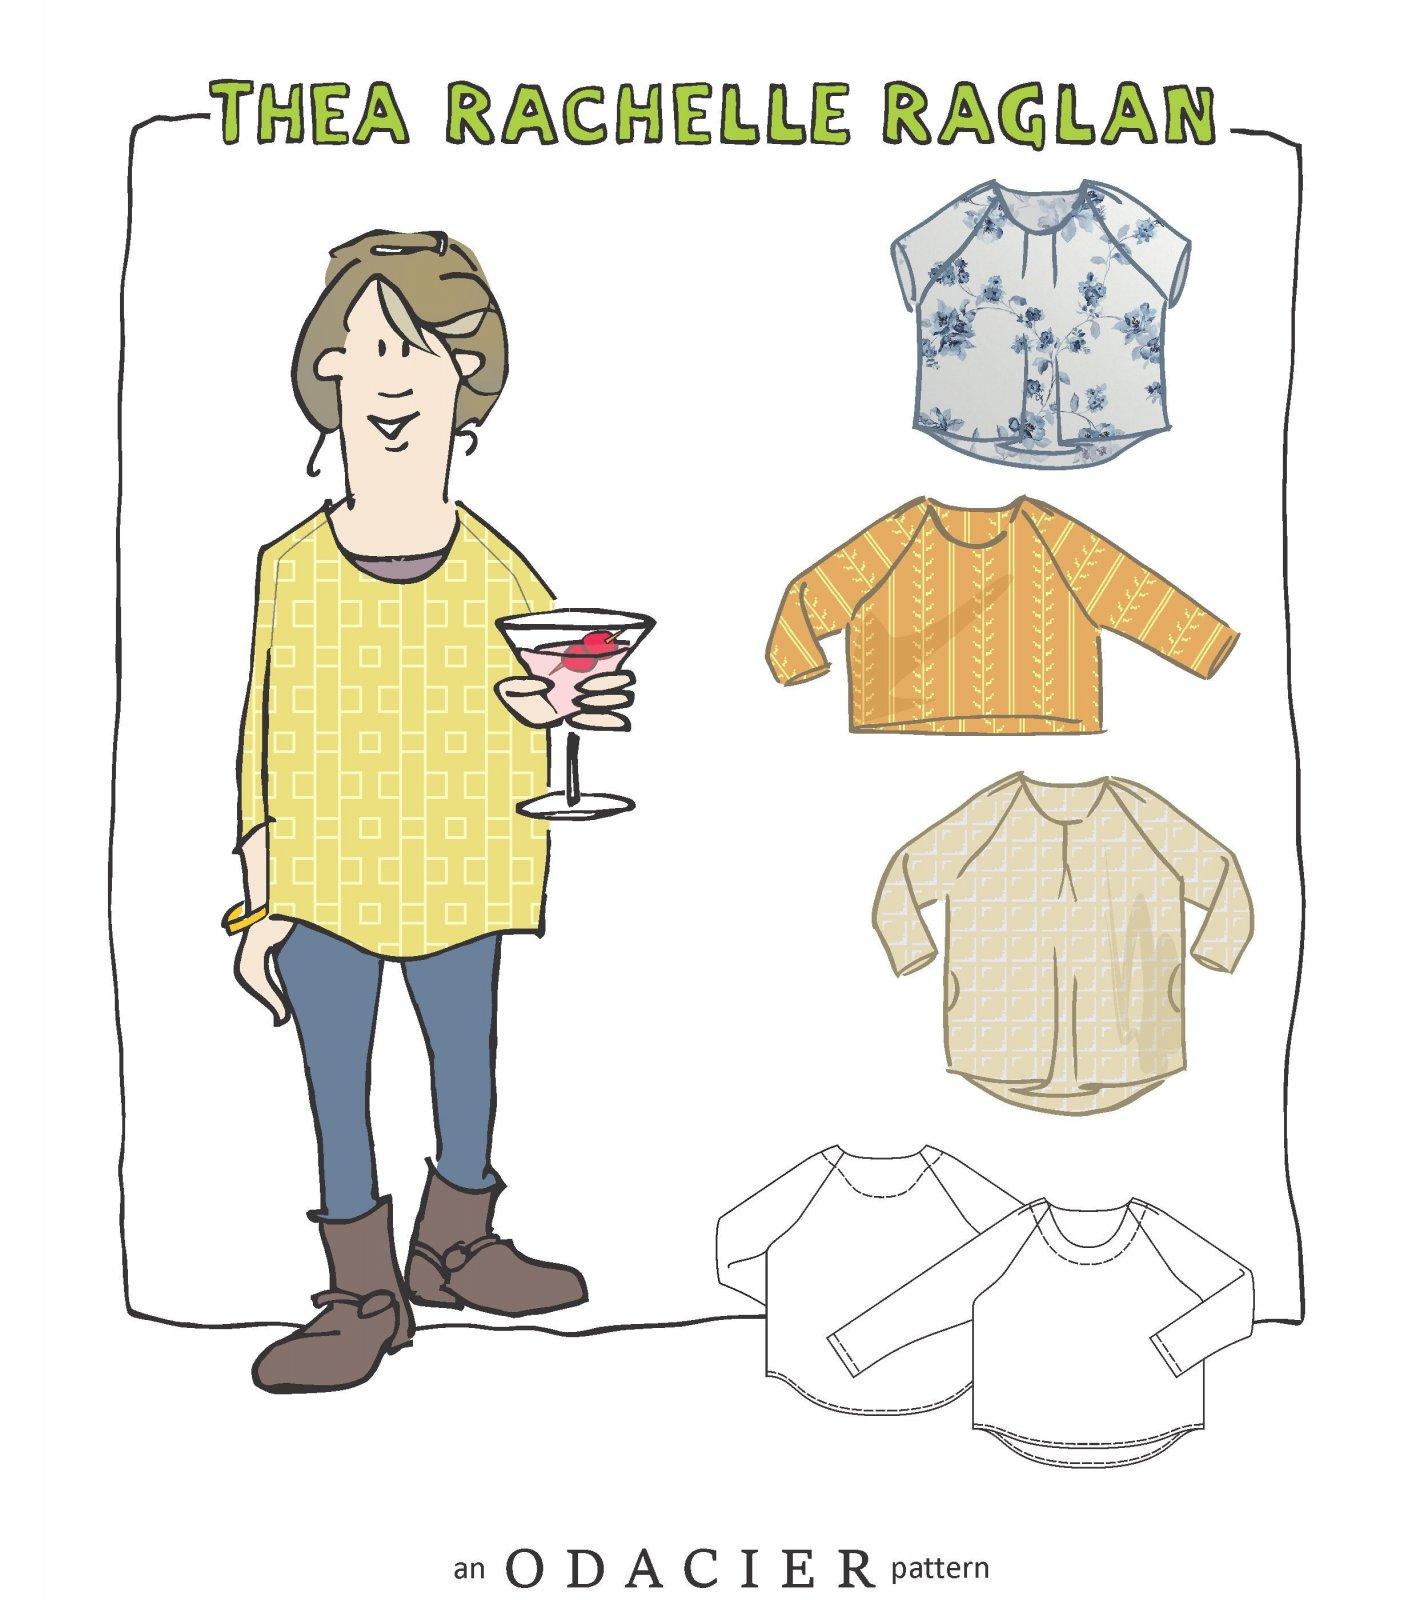 Thea Rachelle Raglan Pattern